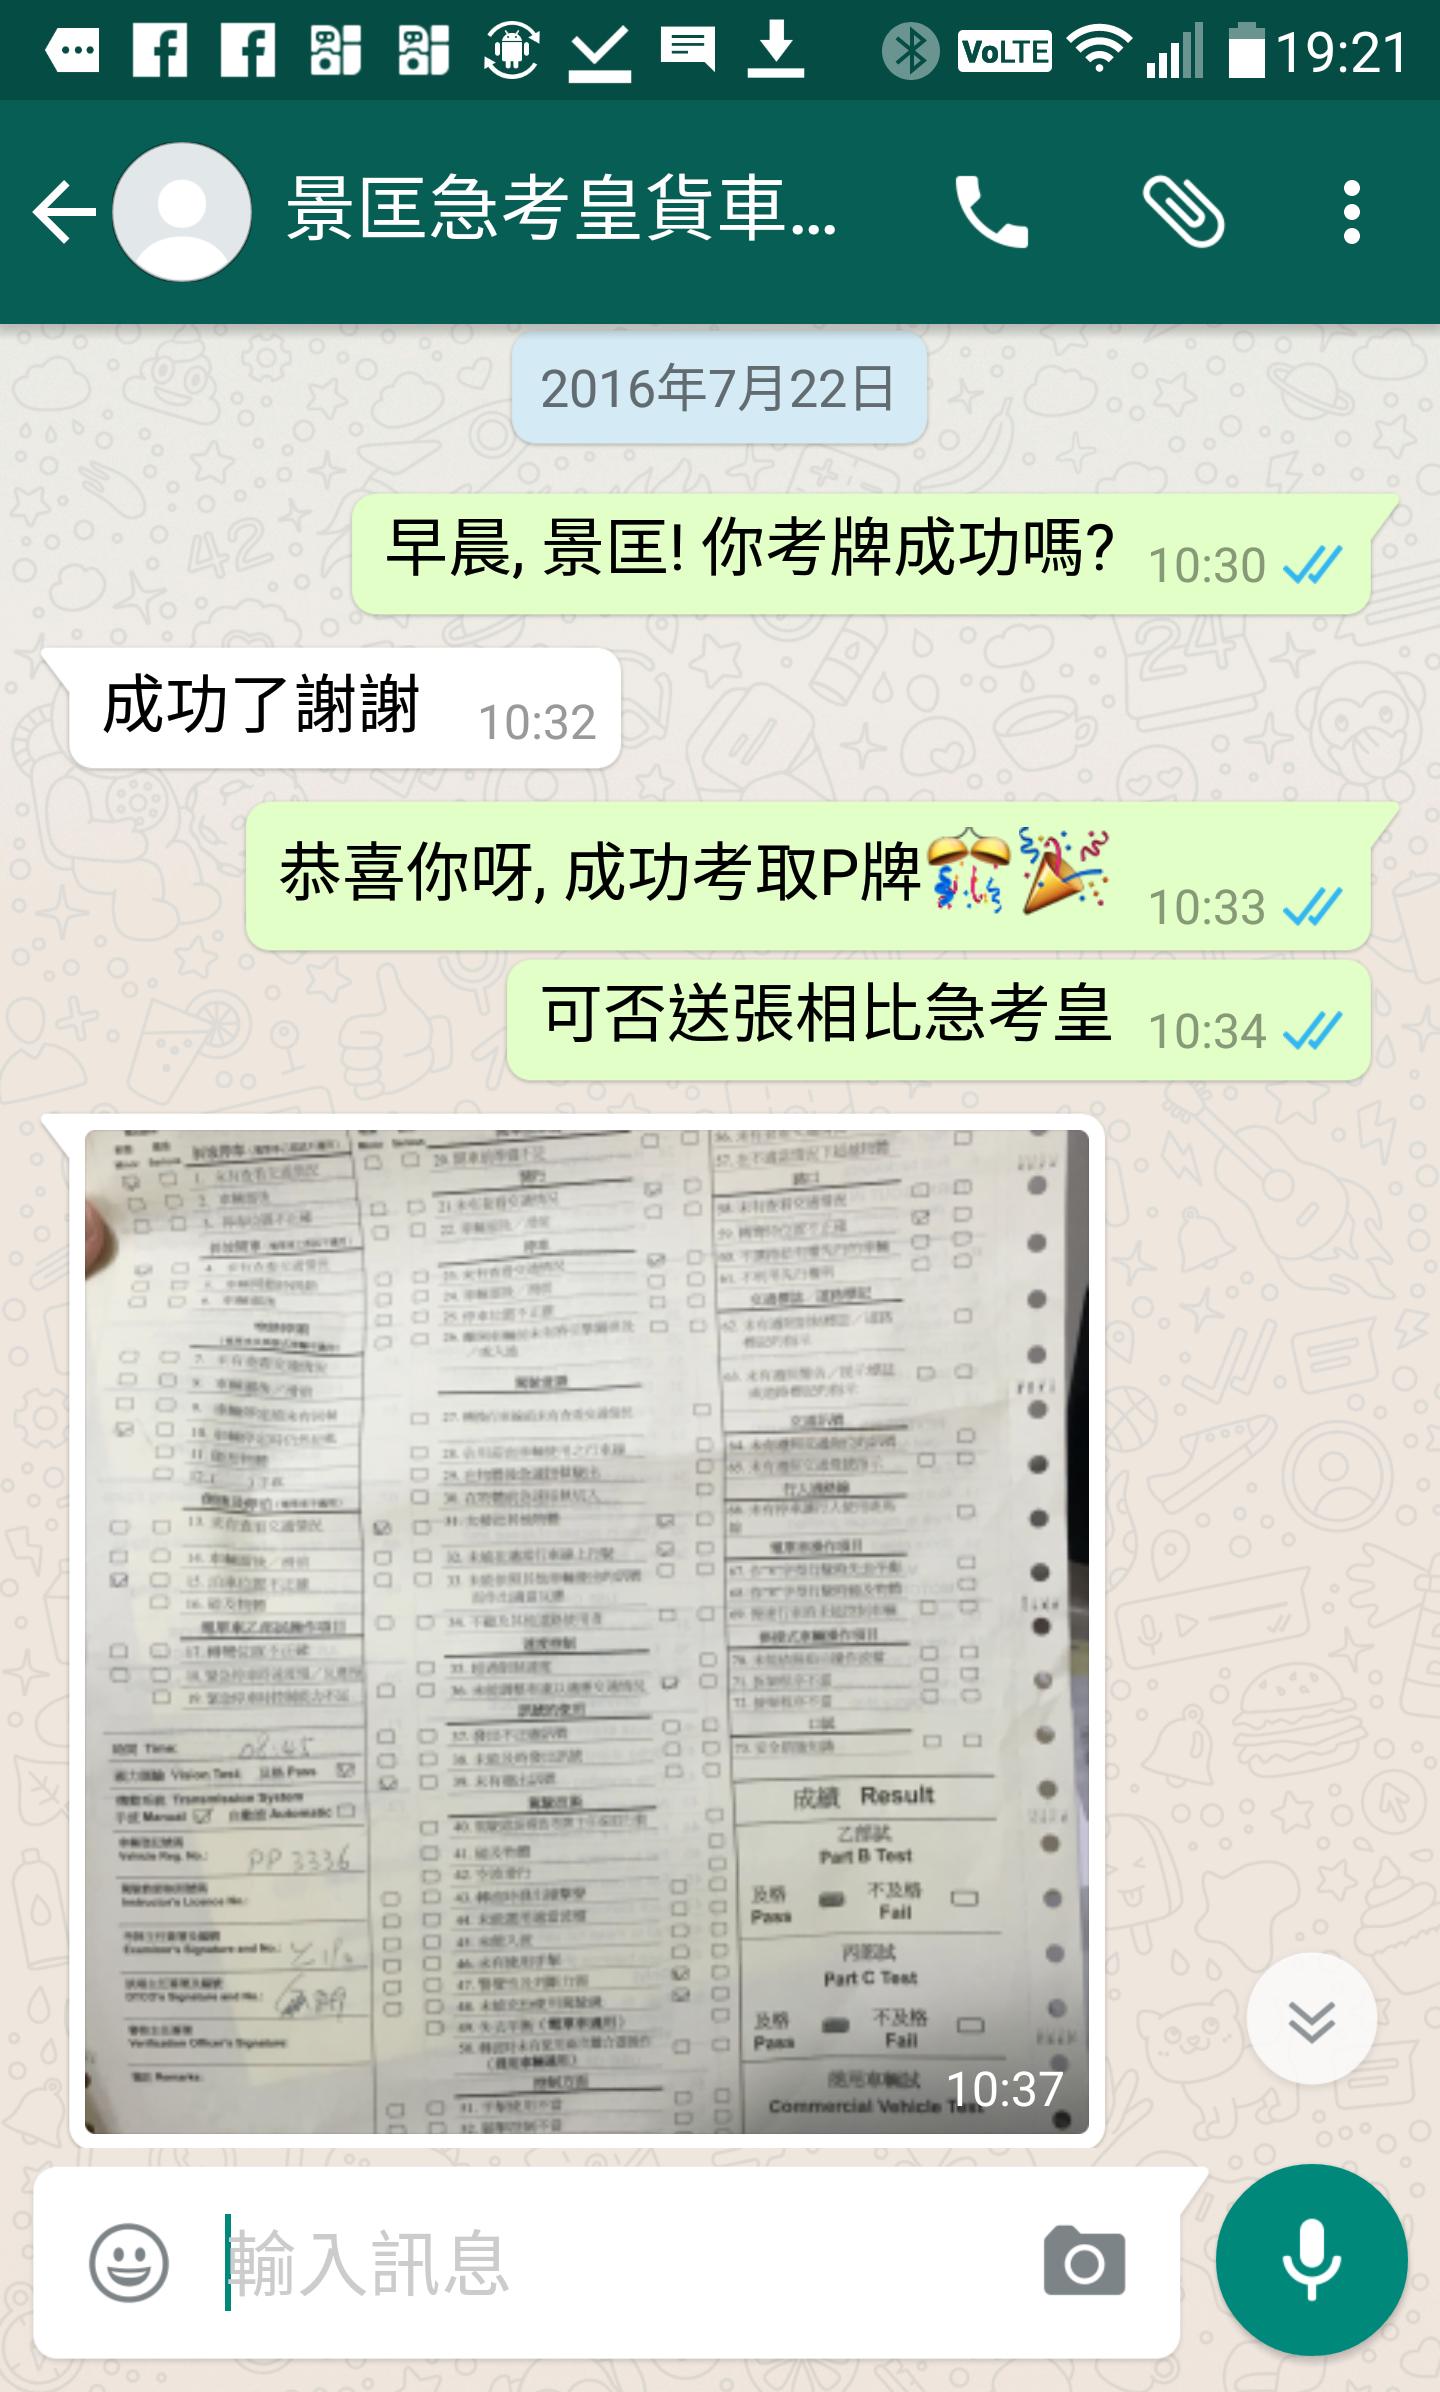 景匡天光道合併合格 (cont'd)